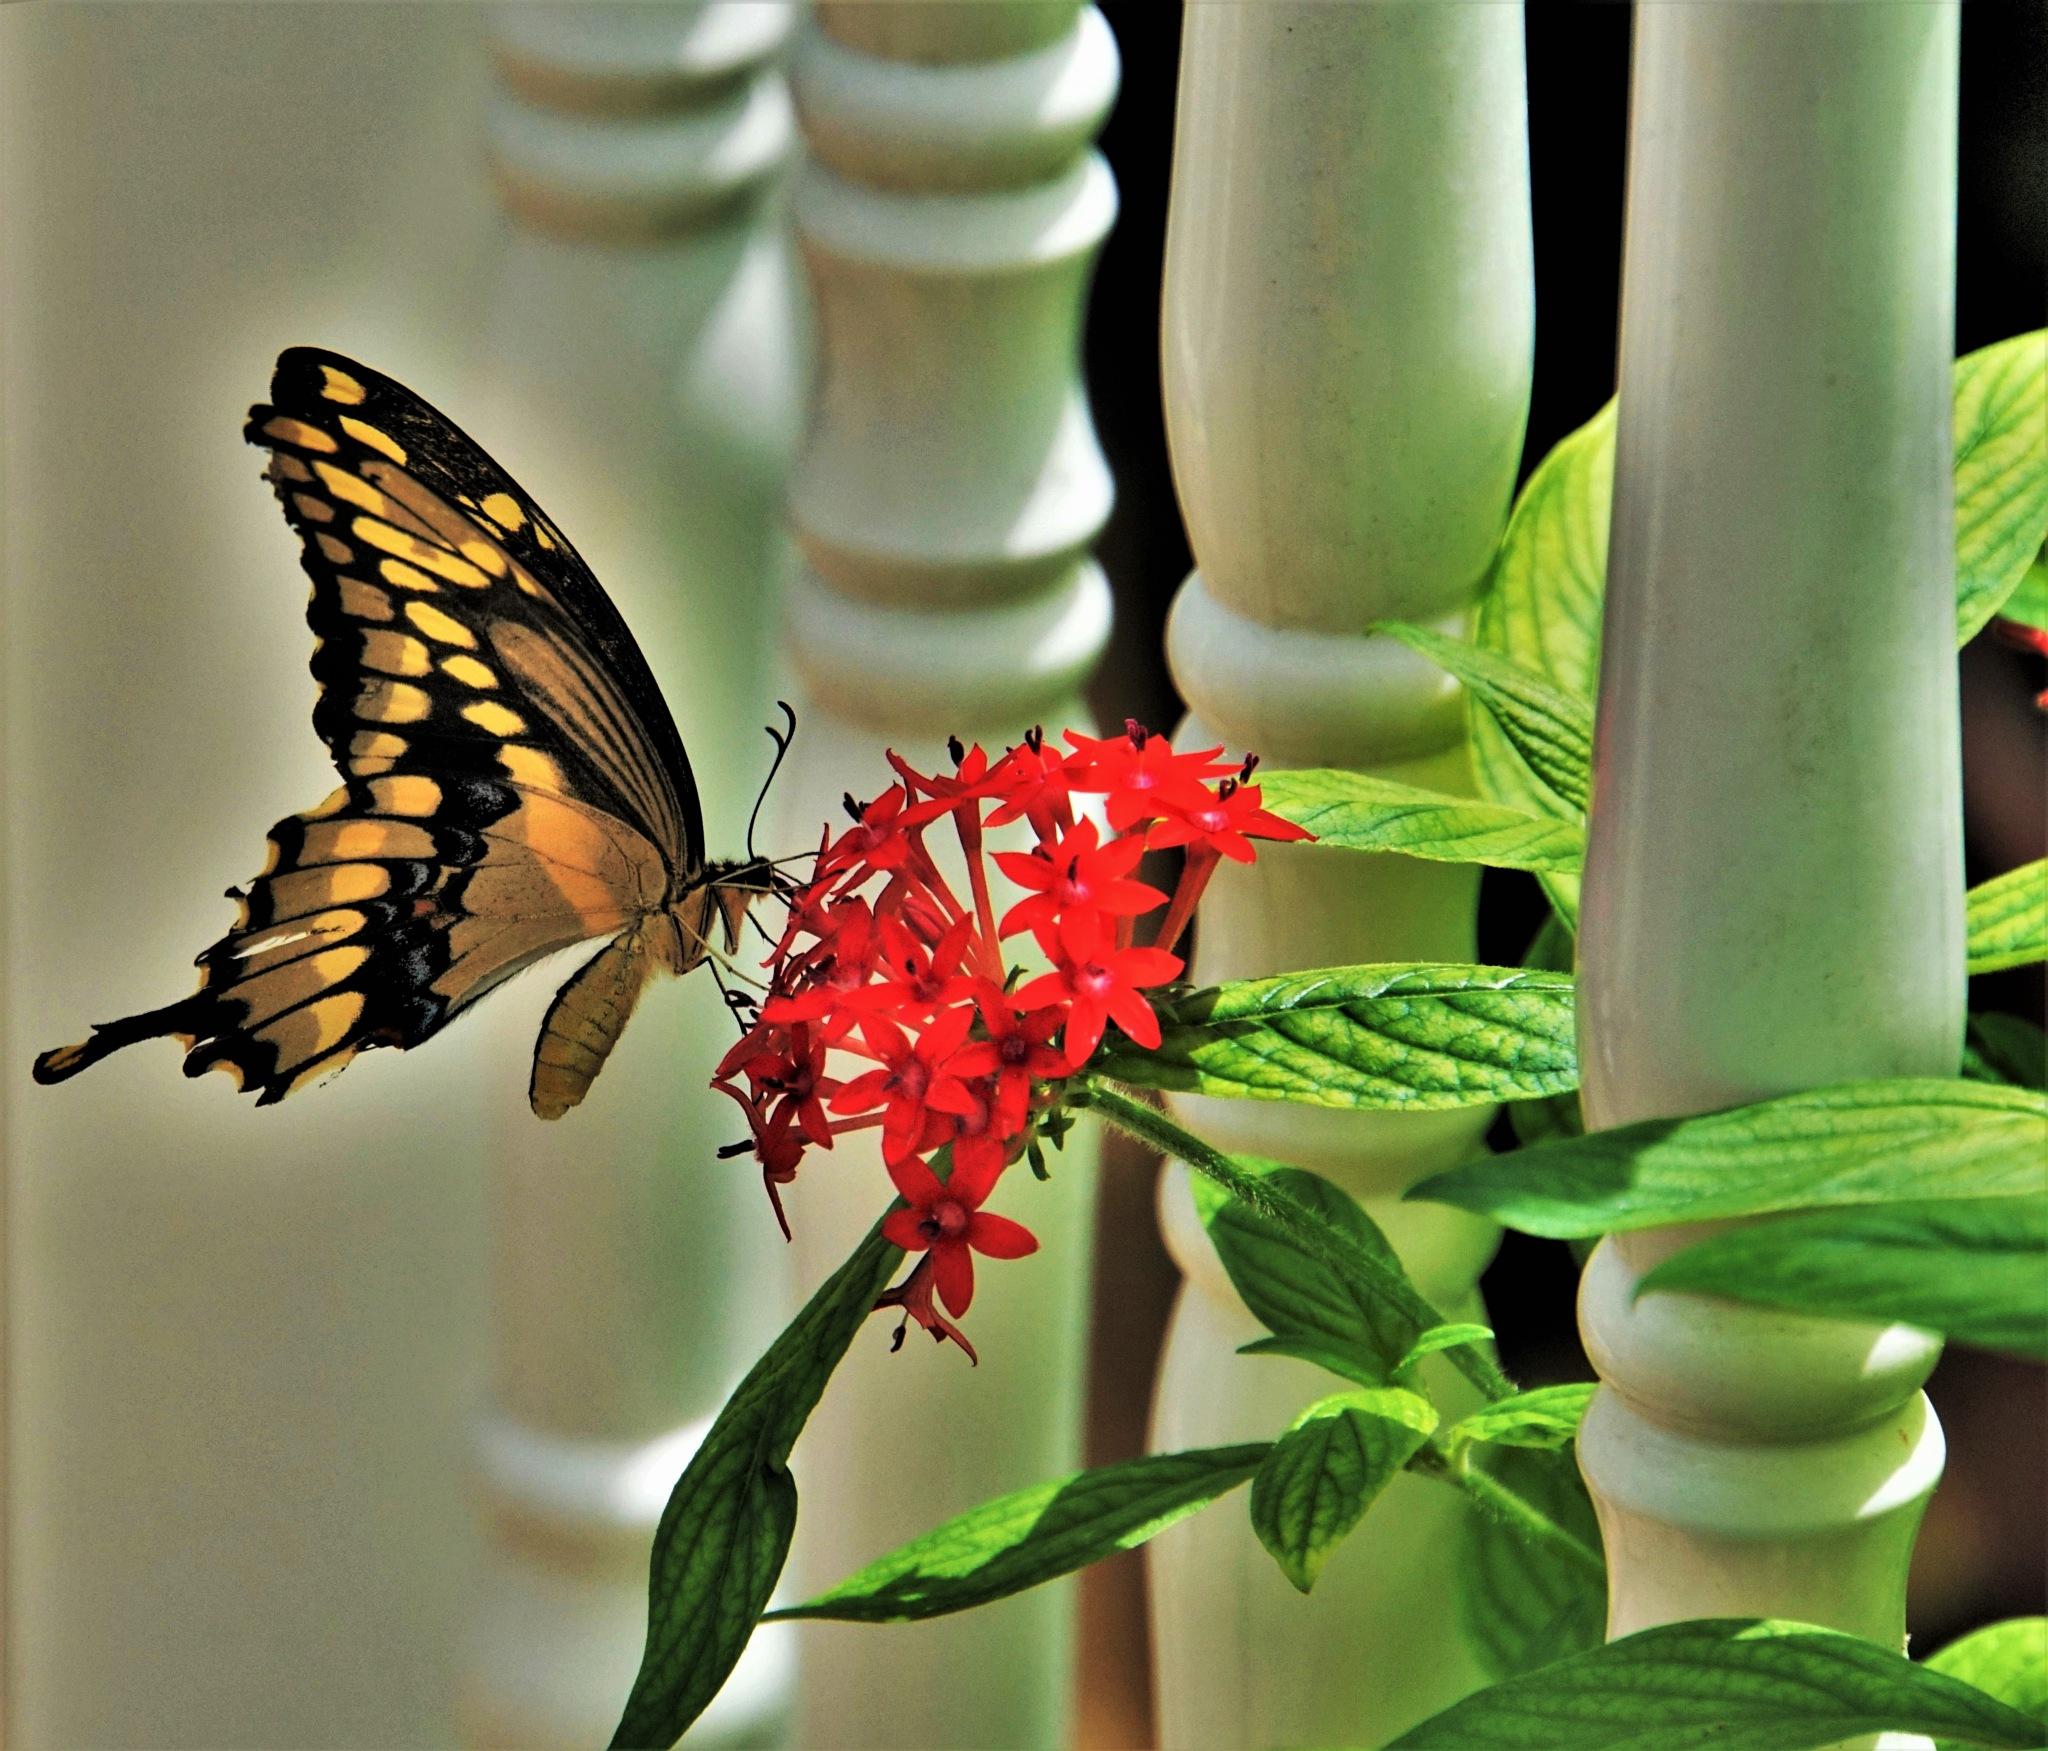 Balusters&Butterfly by Greg L. Elder